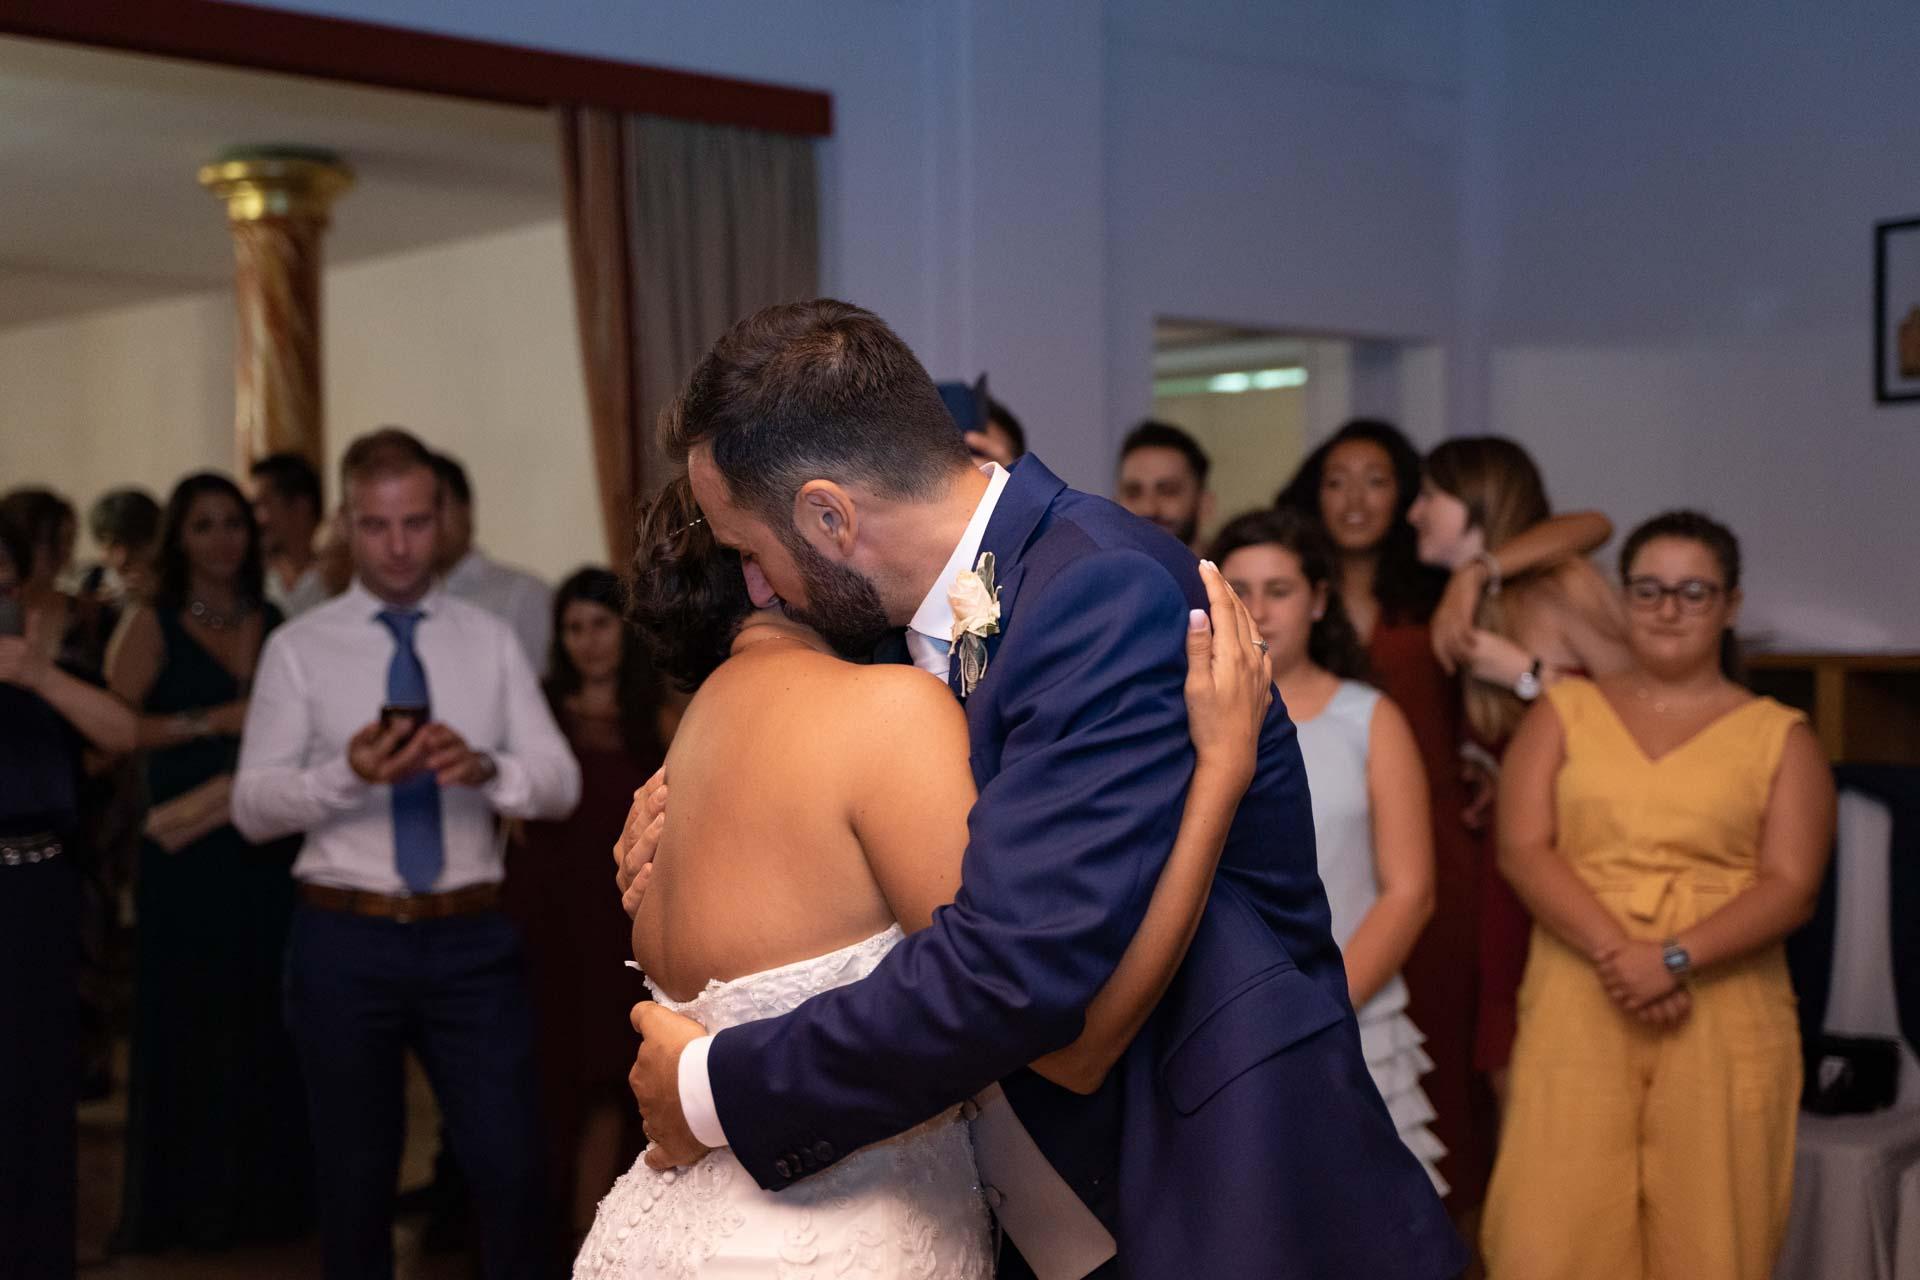 matrimonio sposi ballo abbraccio invitati